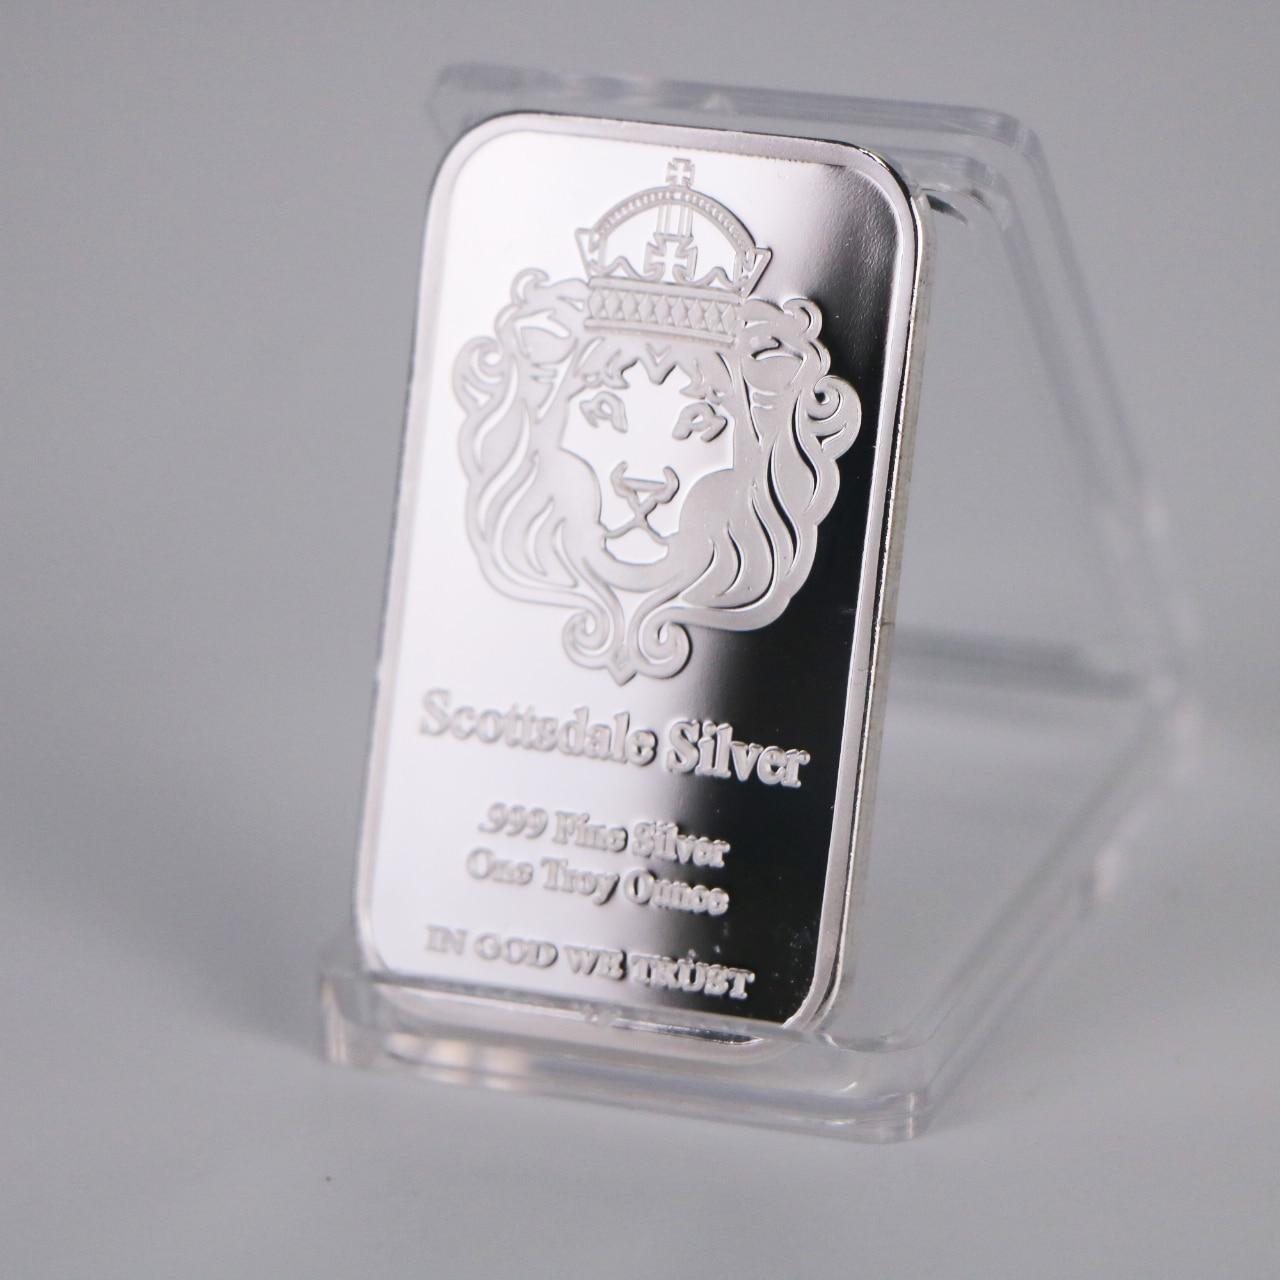 Um troy onça scottsdale prata 999 barra de prata fina bullion em deus confiamos moeda com exibição caso